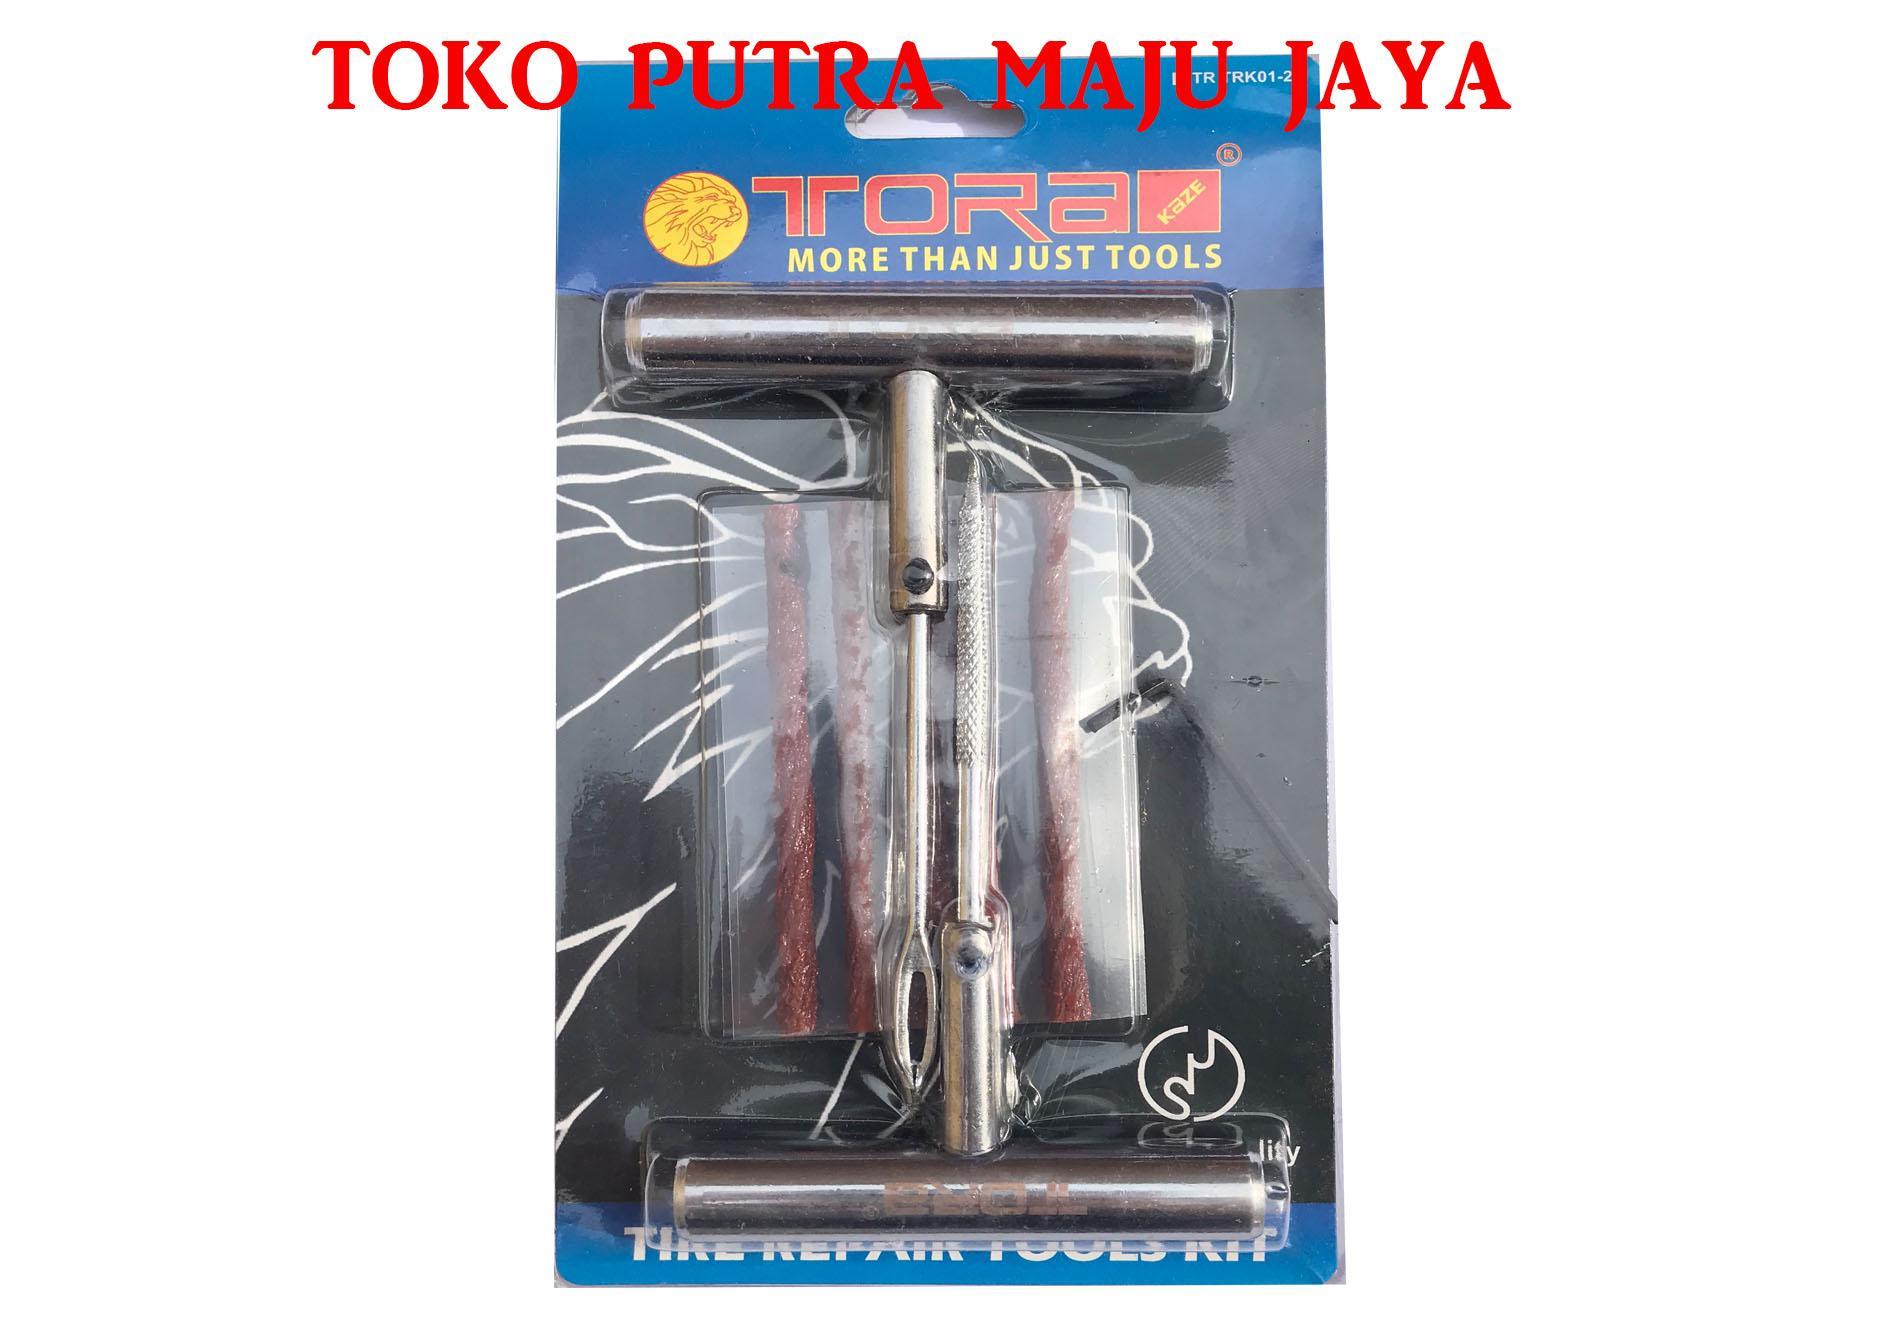 Besi Alat Tambal Ban Tubeless - Tora - Tubles Tubless Tubbles By Toko Putra Maju Jaya.